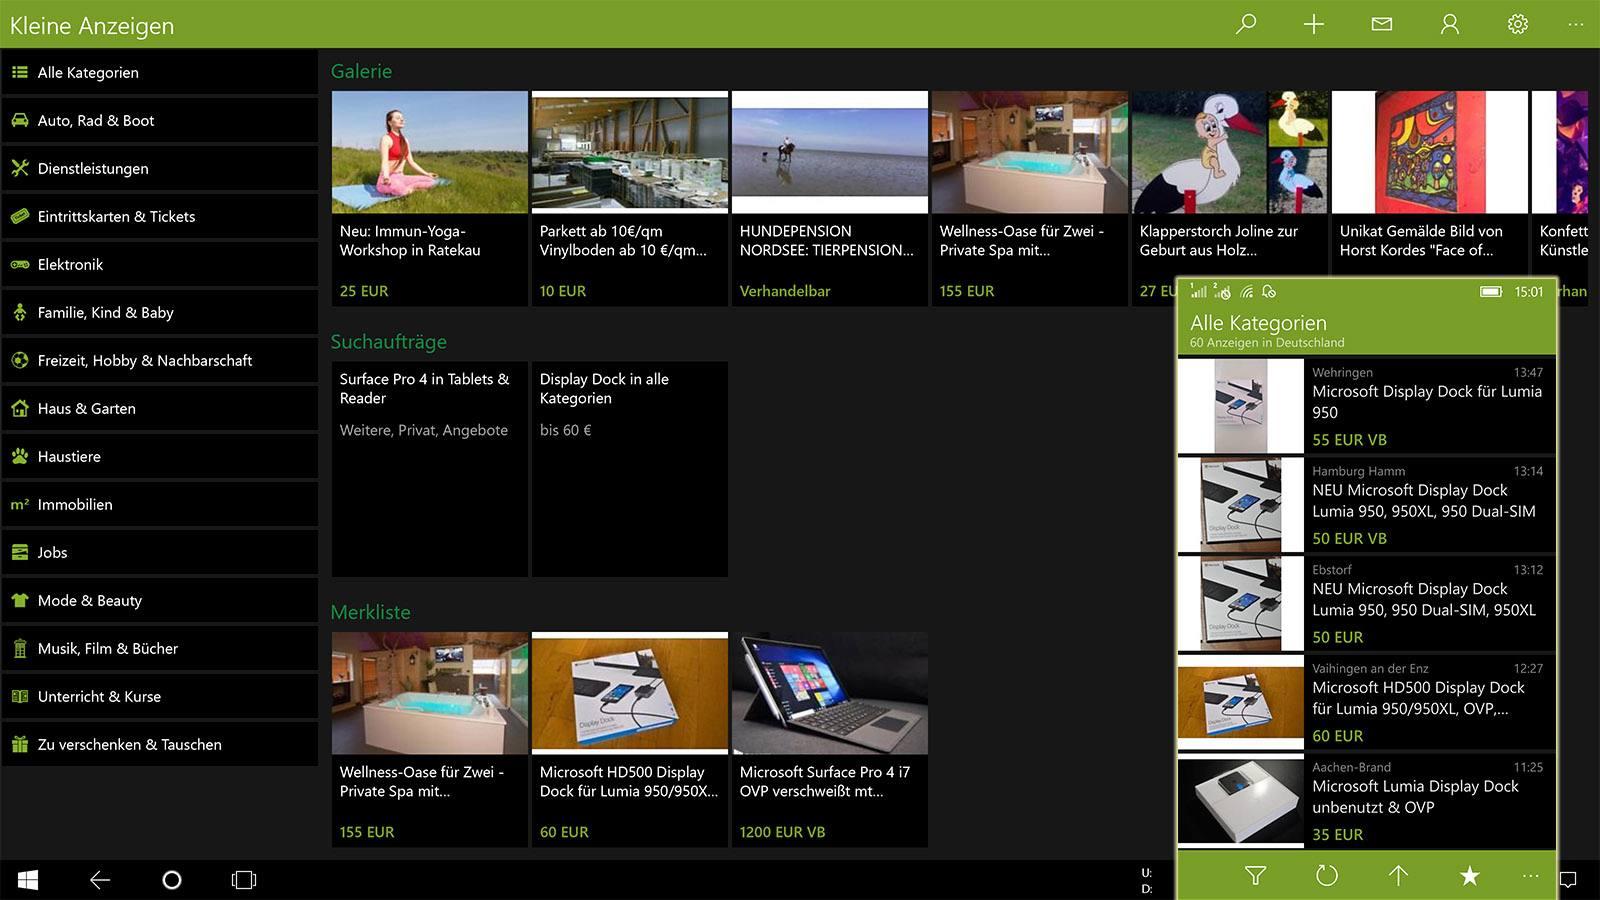 kleine anzeigen inoffizielle ebay kleinanzeigen app f r. Black Bedroom Furniture Sets. Home Design Ideas